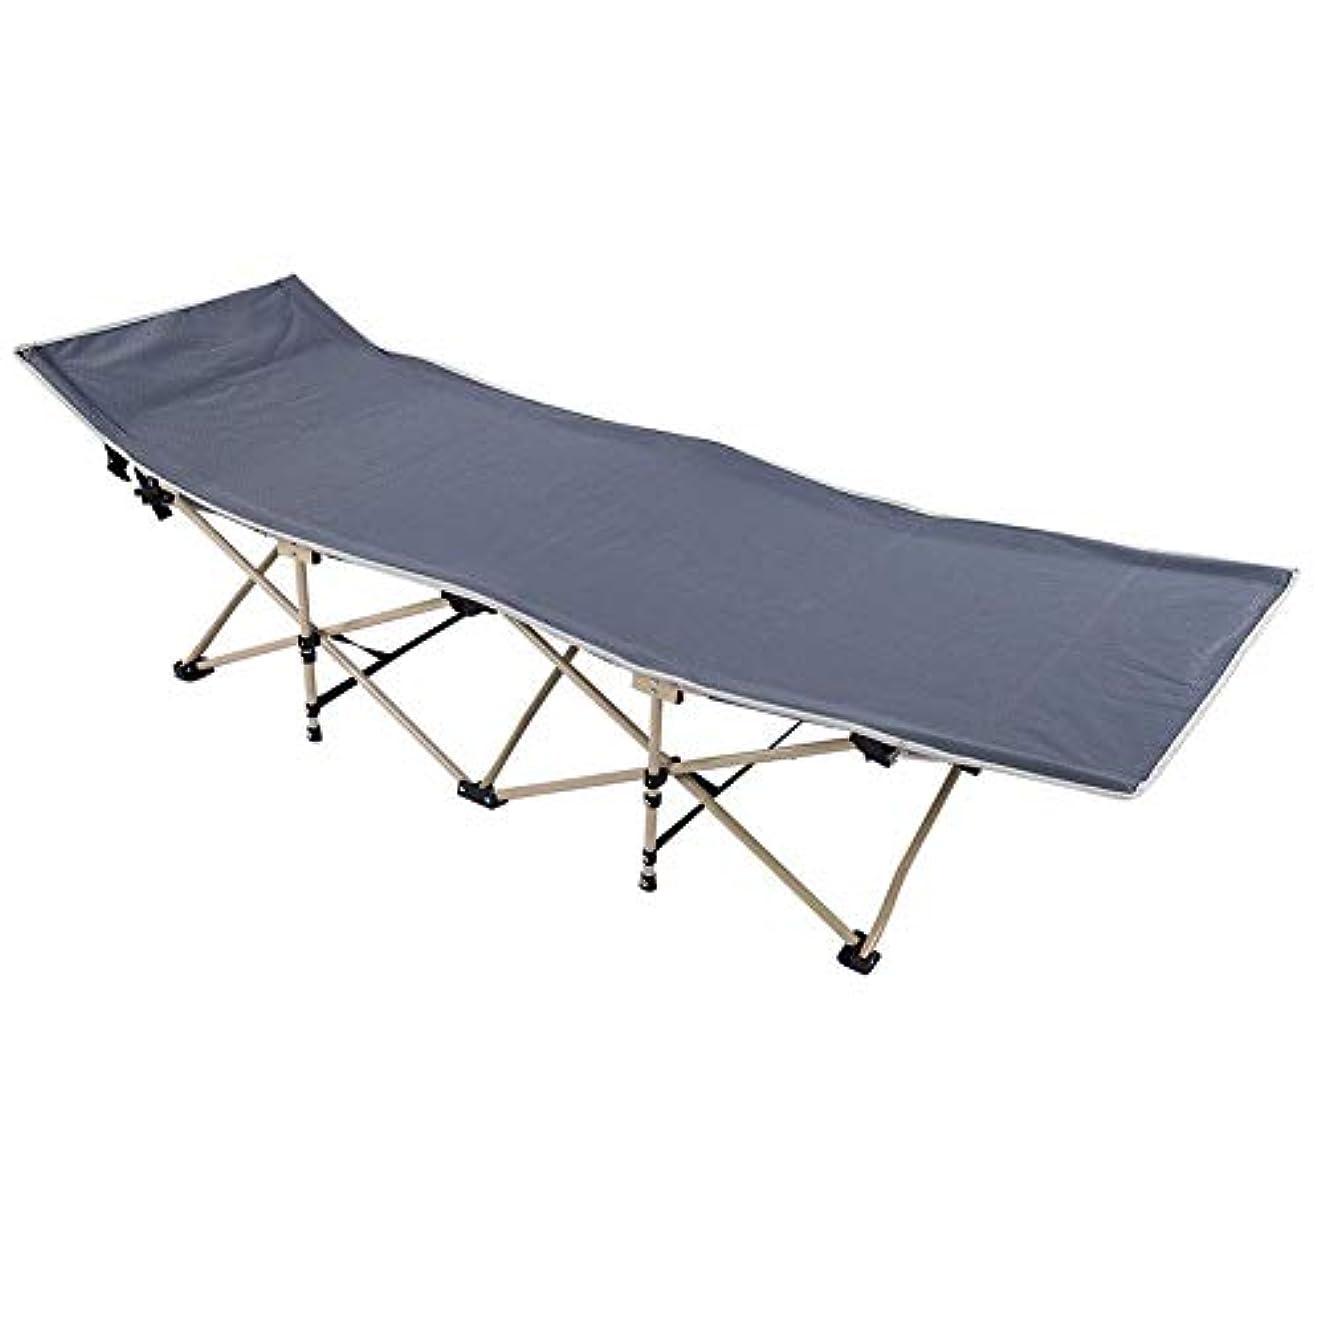 静けさテスピアンエトナ山折りたたみ仮眠ベッド デッキチェア折りたたみ仮眠ベッド 折りたたみ仮眠ベンチ 滑り止め 耐摩耗性 高強度 取り外し可能 3種類